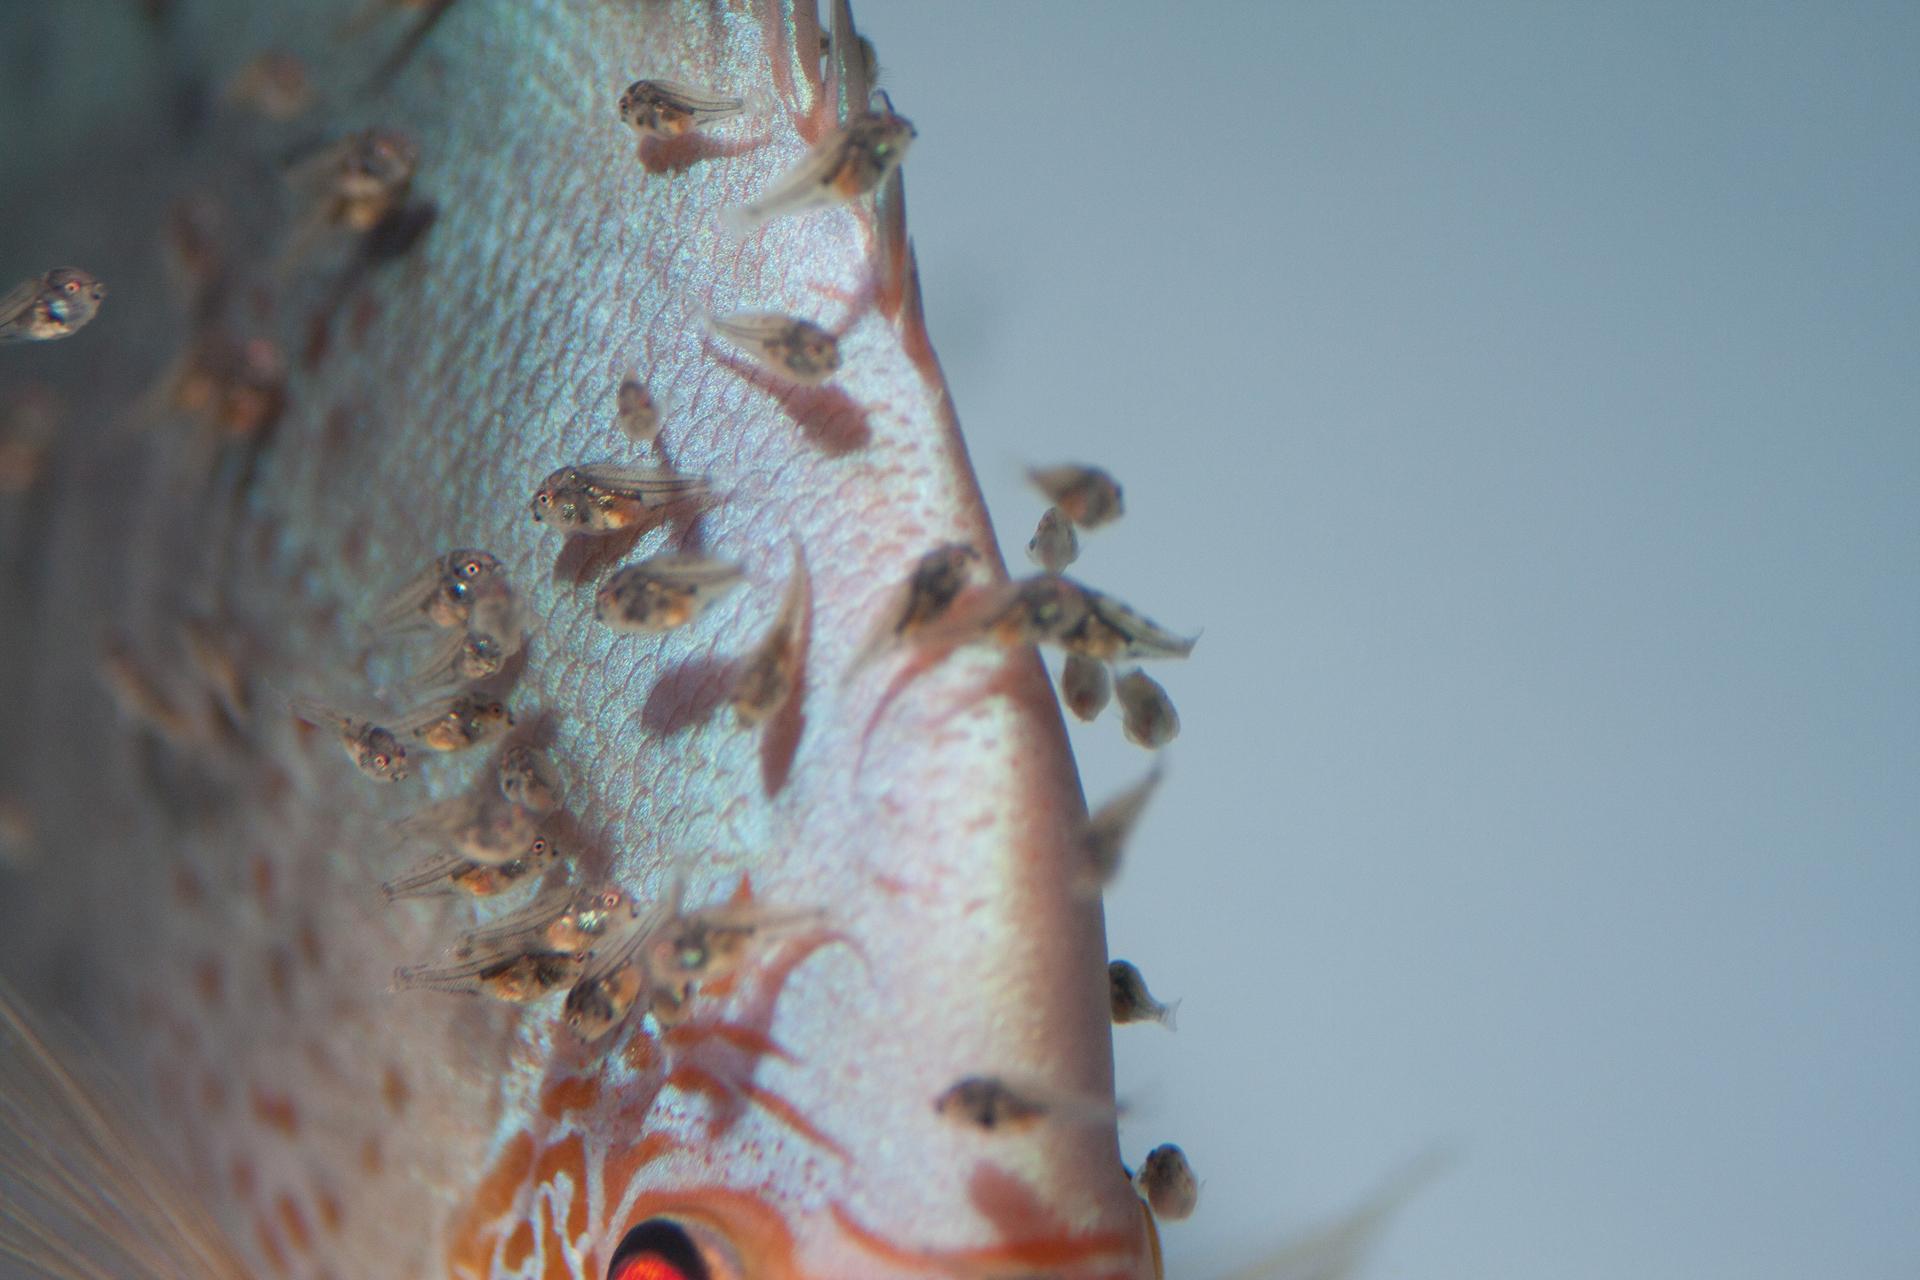 Aquarium fotografie voorbeeld foto: Macrolens opnamen met beperkte scherpte diepte